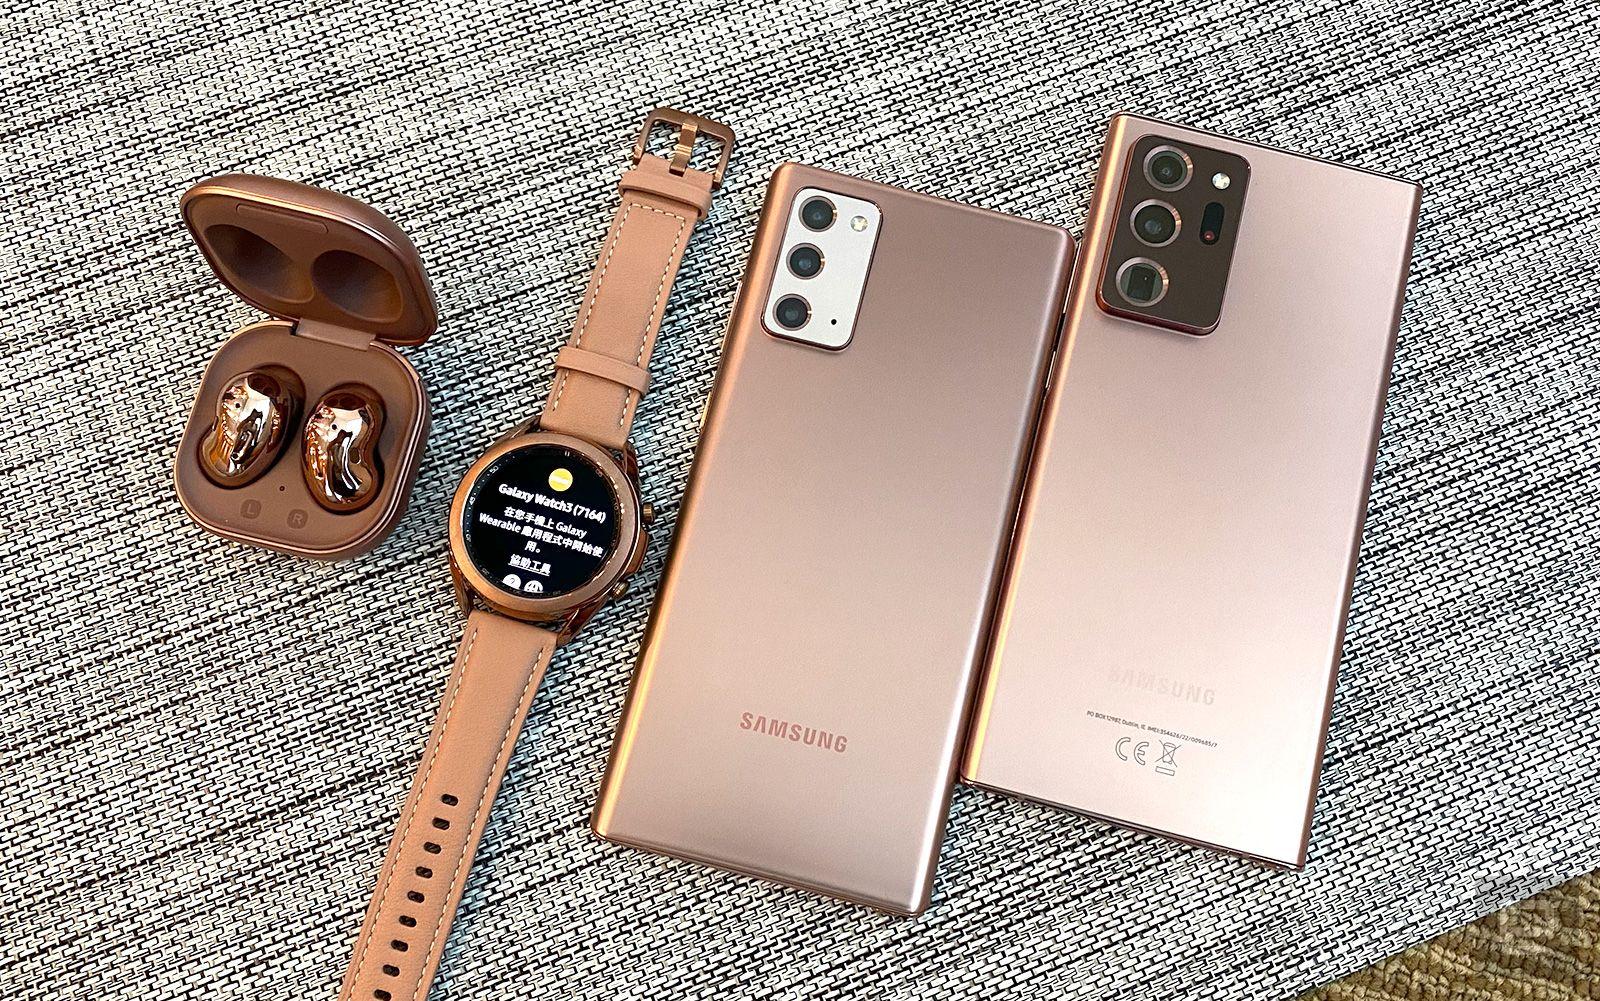 Samsung lançon SmartThings Find, një mënyrë të re për të gjetur shpejt dhe lehtë pajisjet tuaja Galaxy